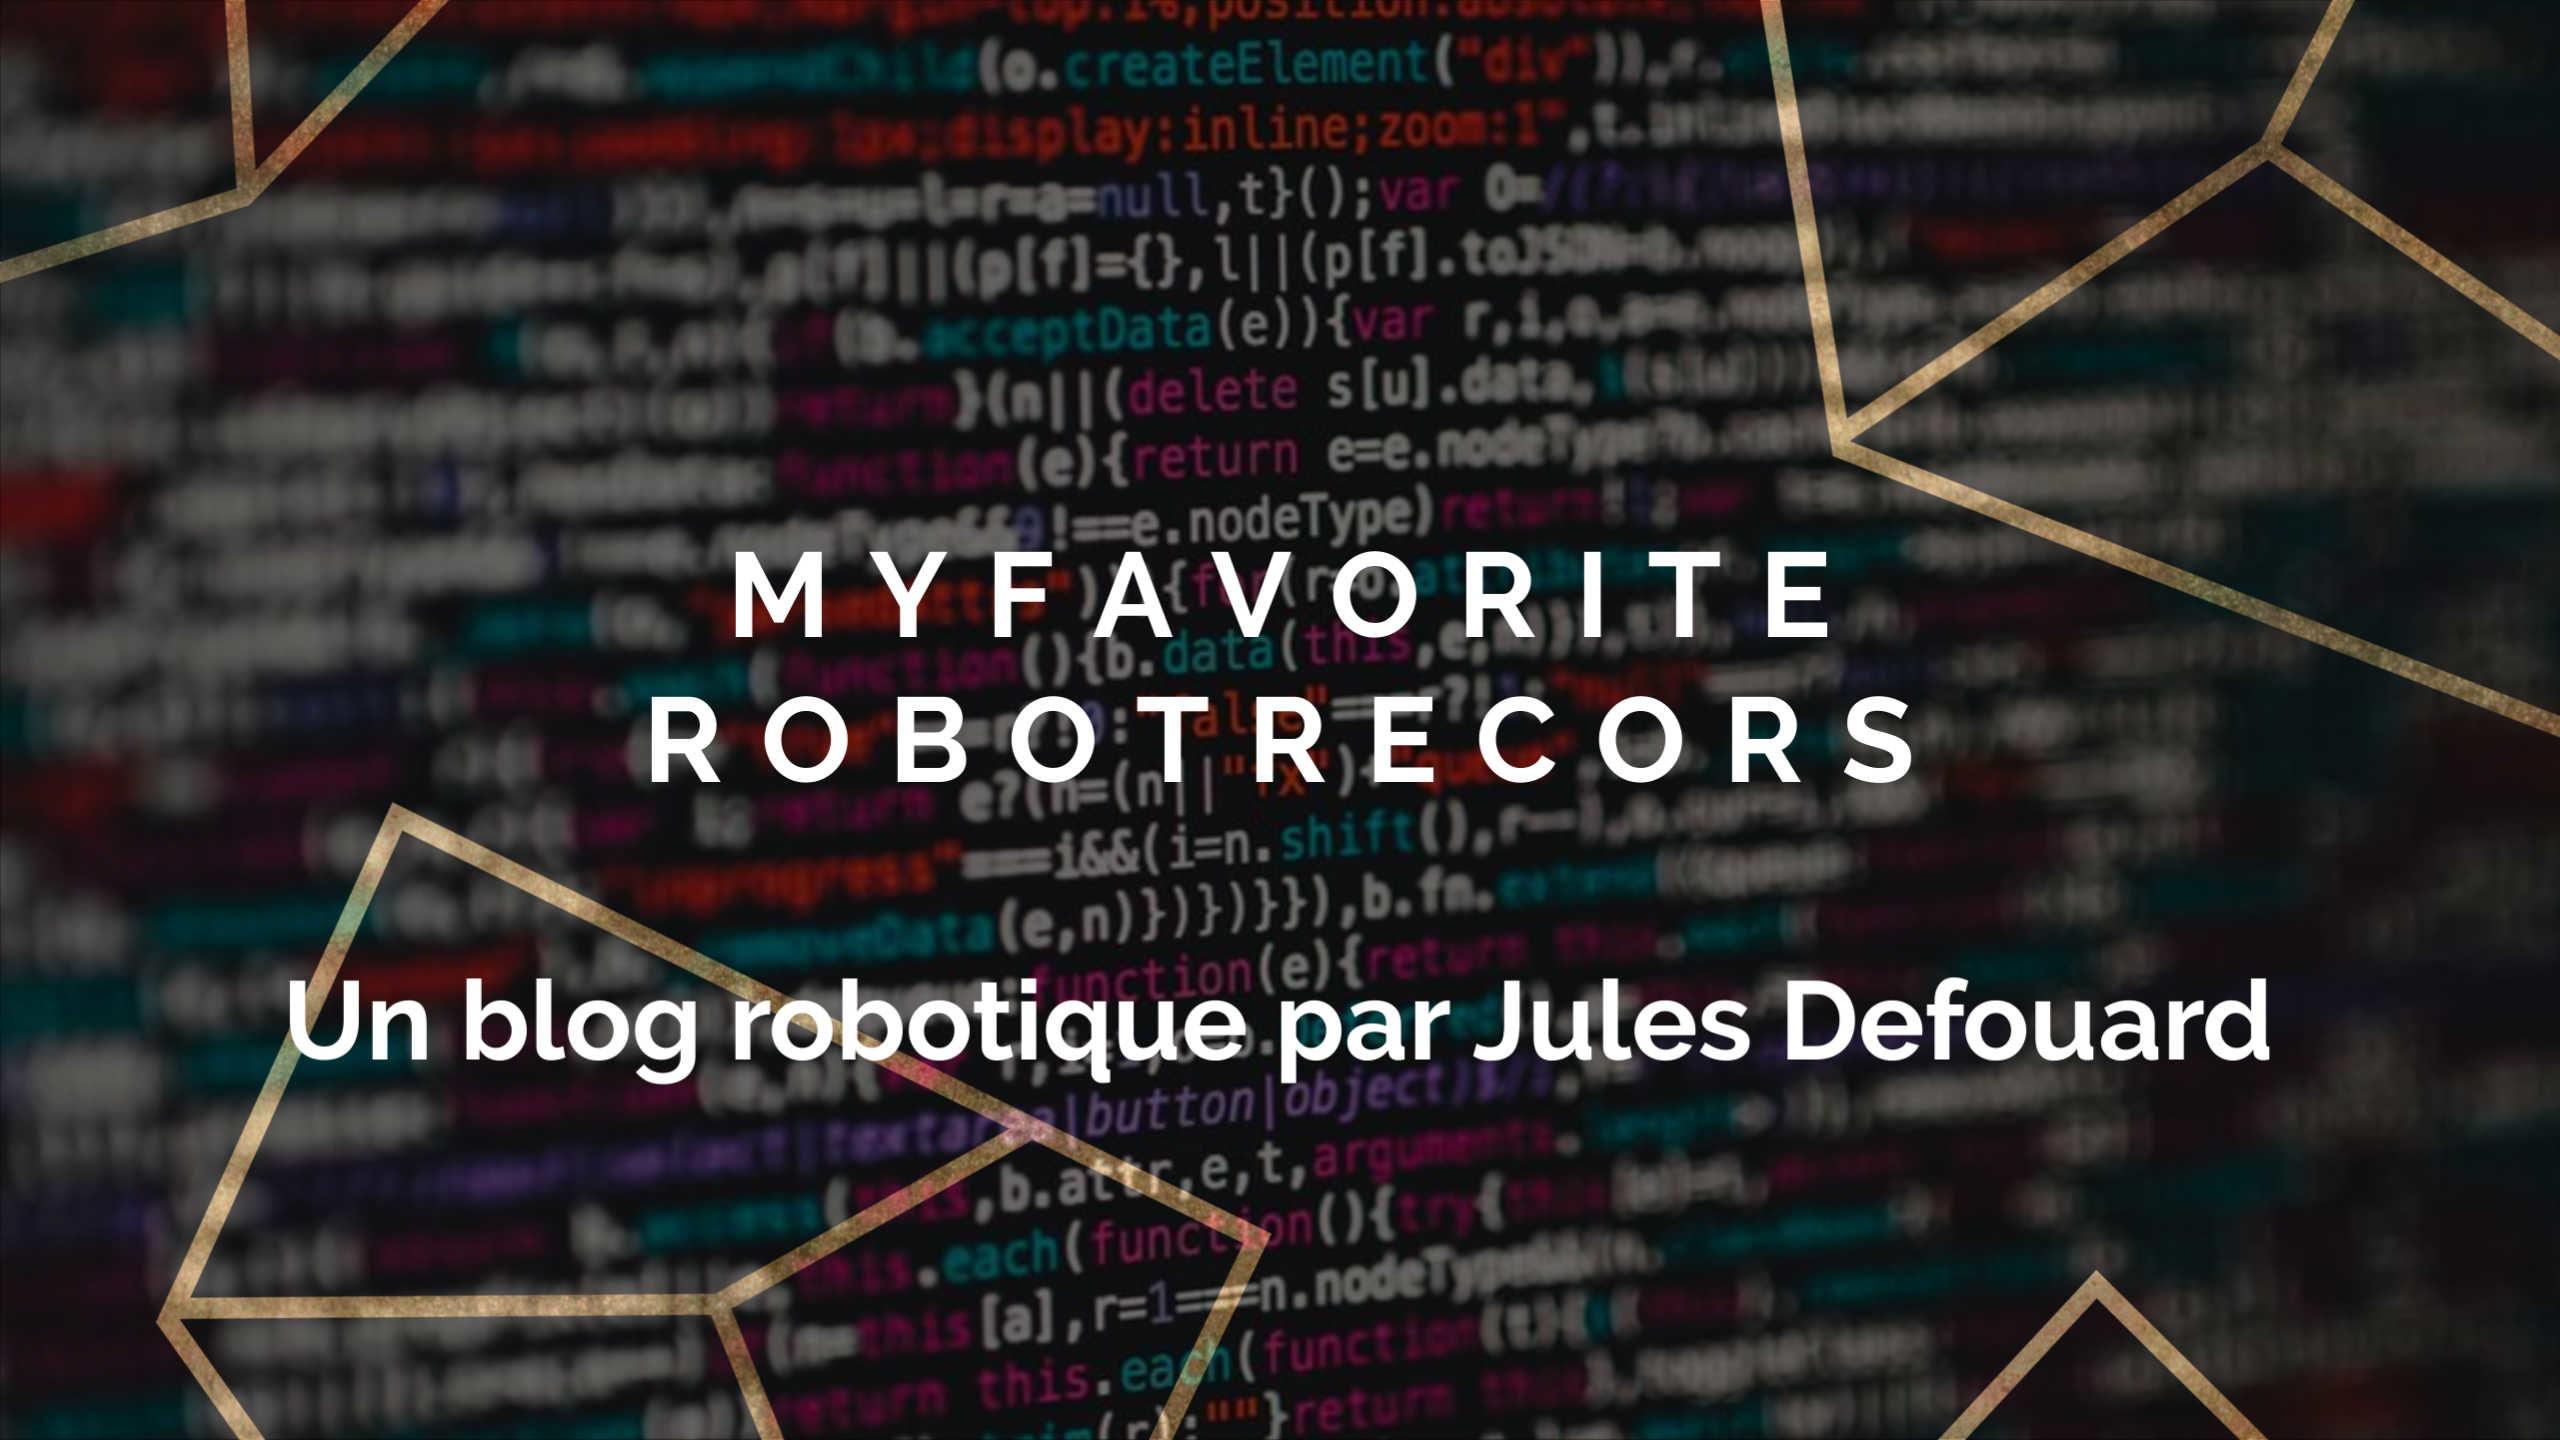 Mes Robots Favoris: Nettoyage propreté et nouvelles technologies